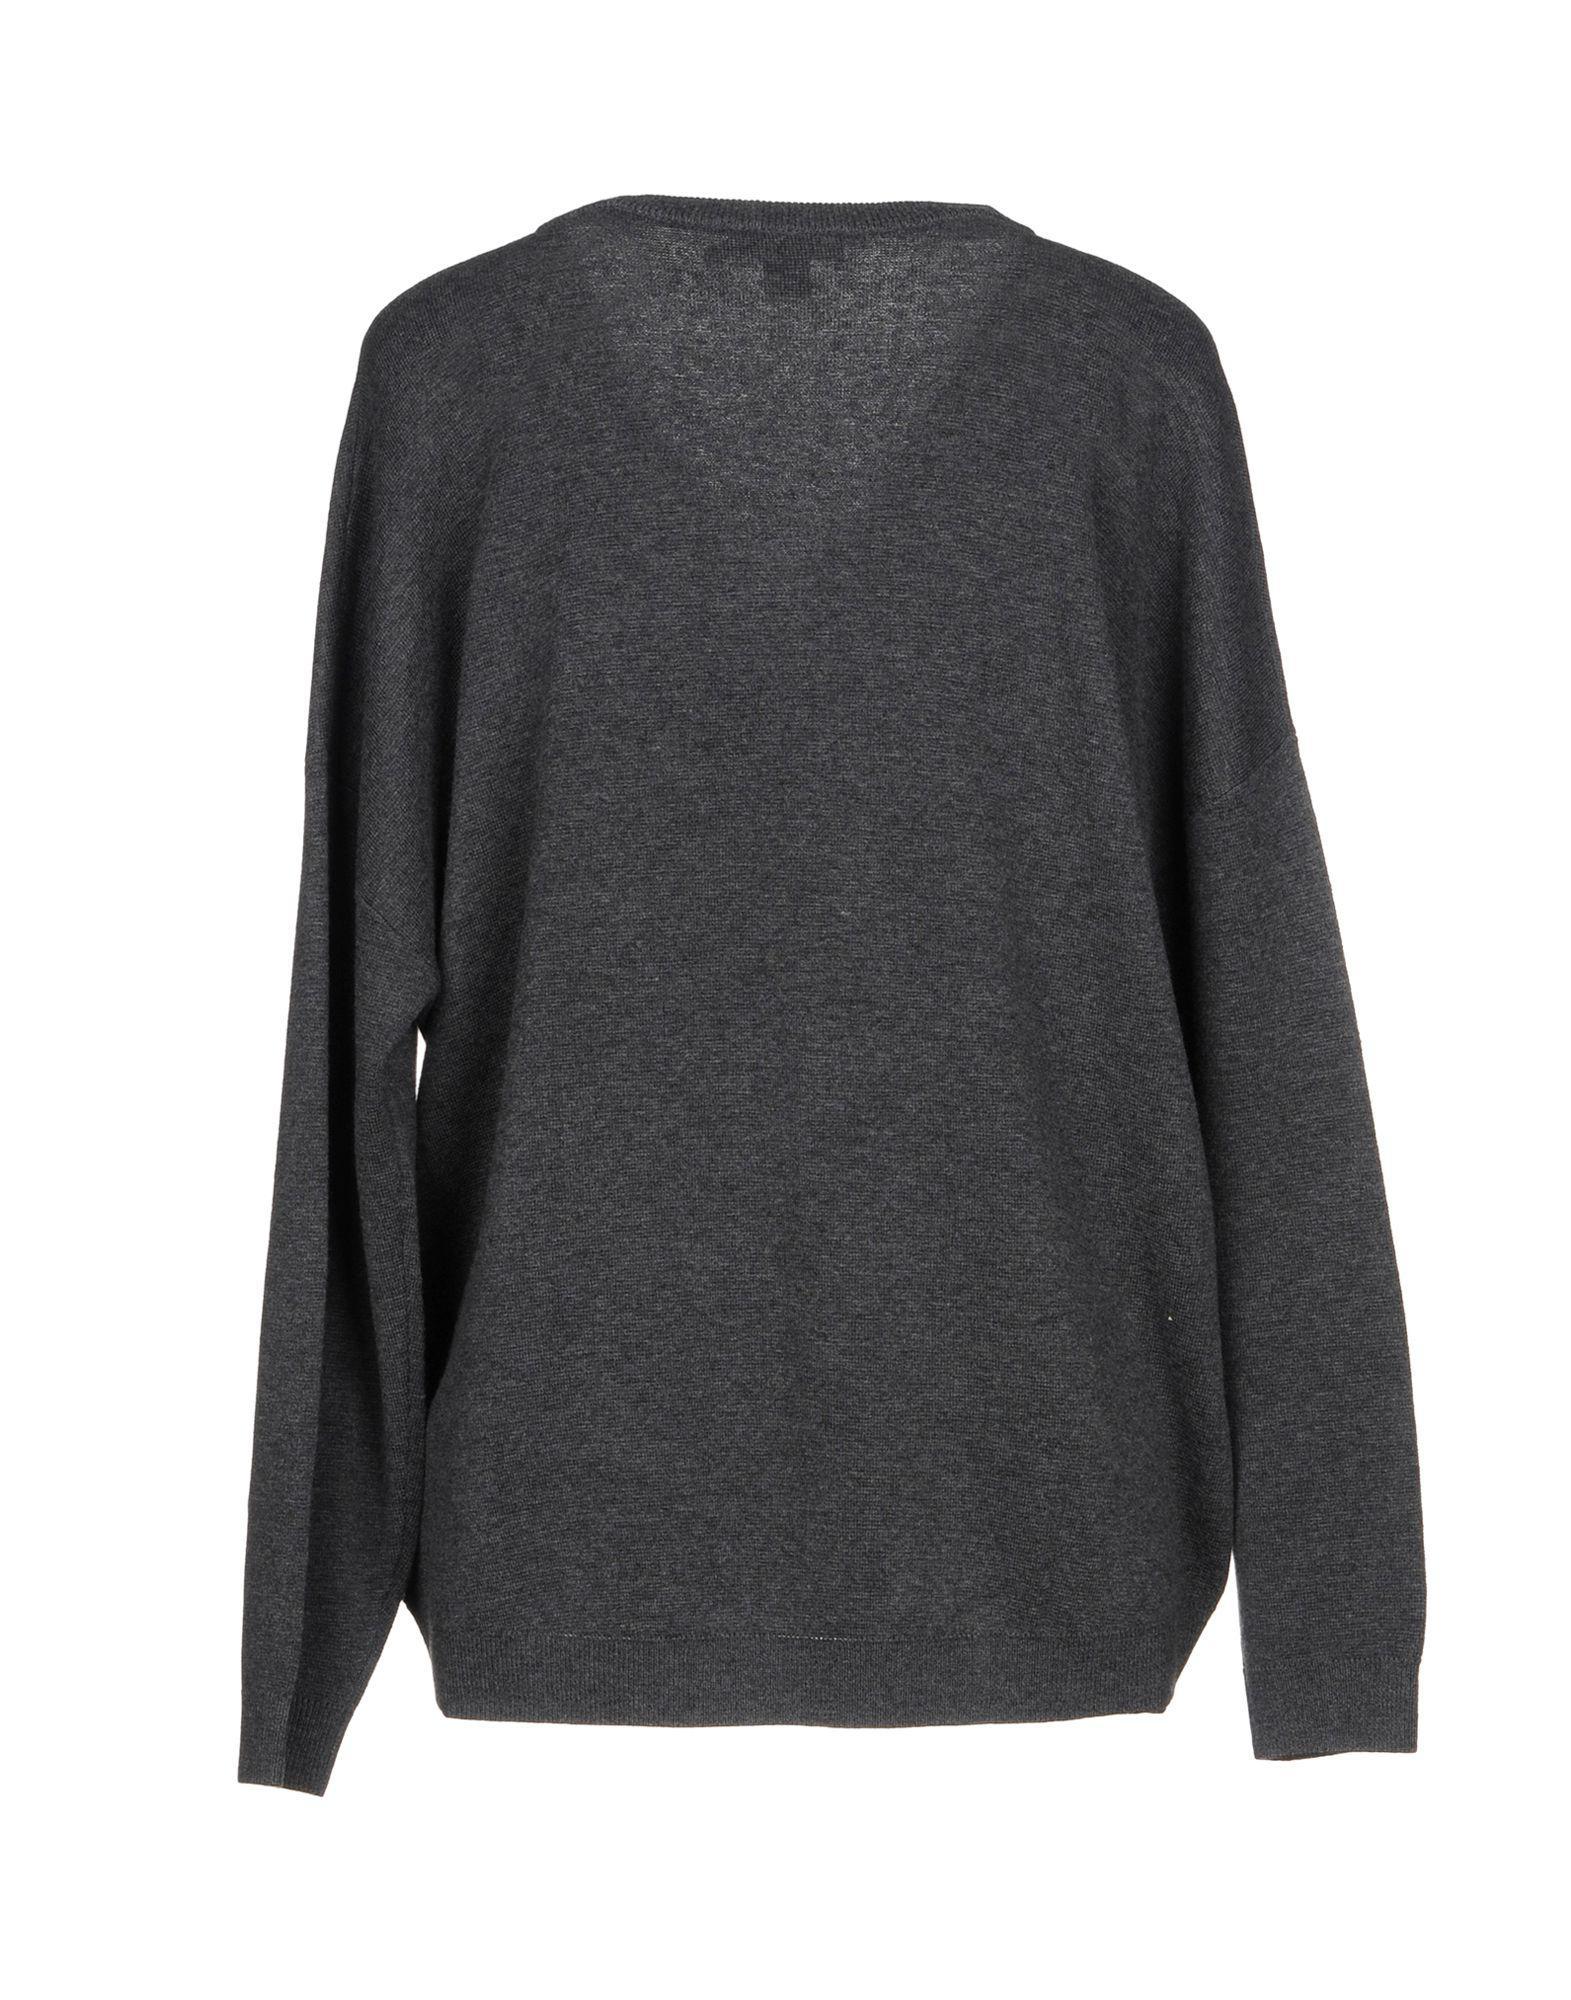 3b9dded6604 Lyst - DKNY Sweater in Gray